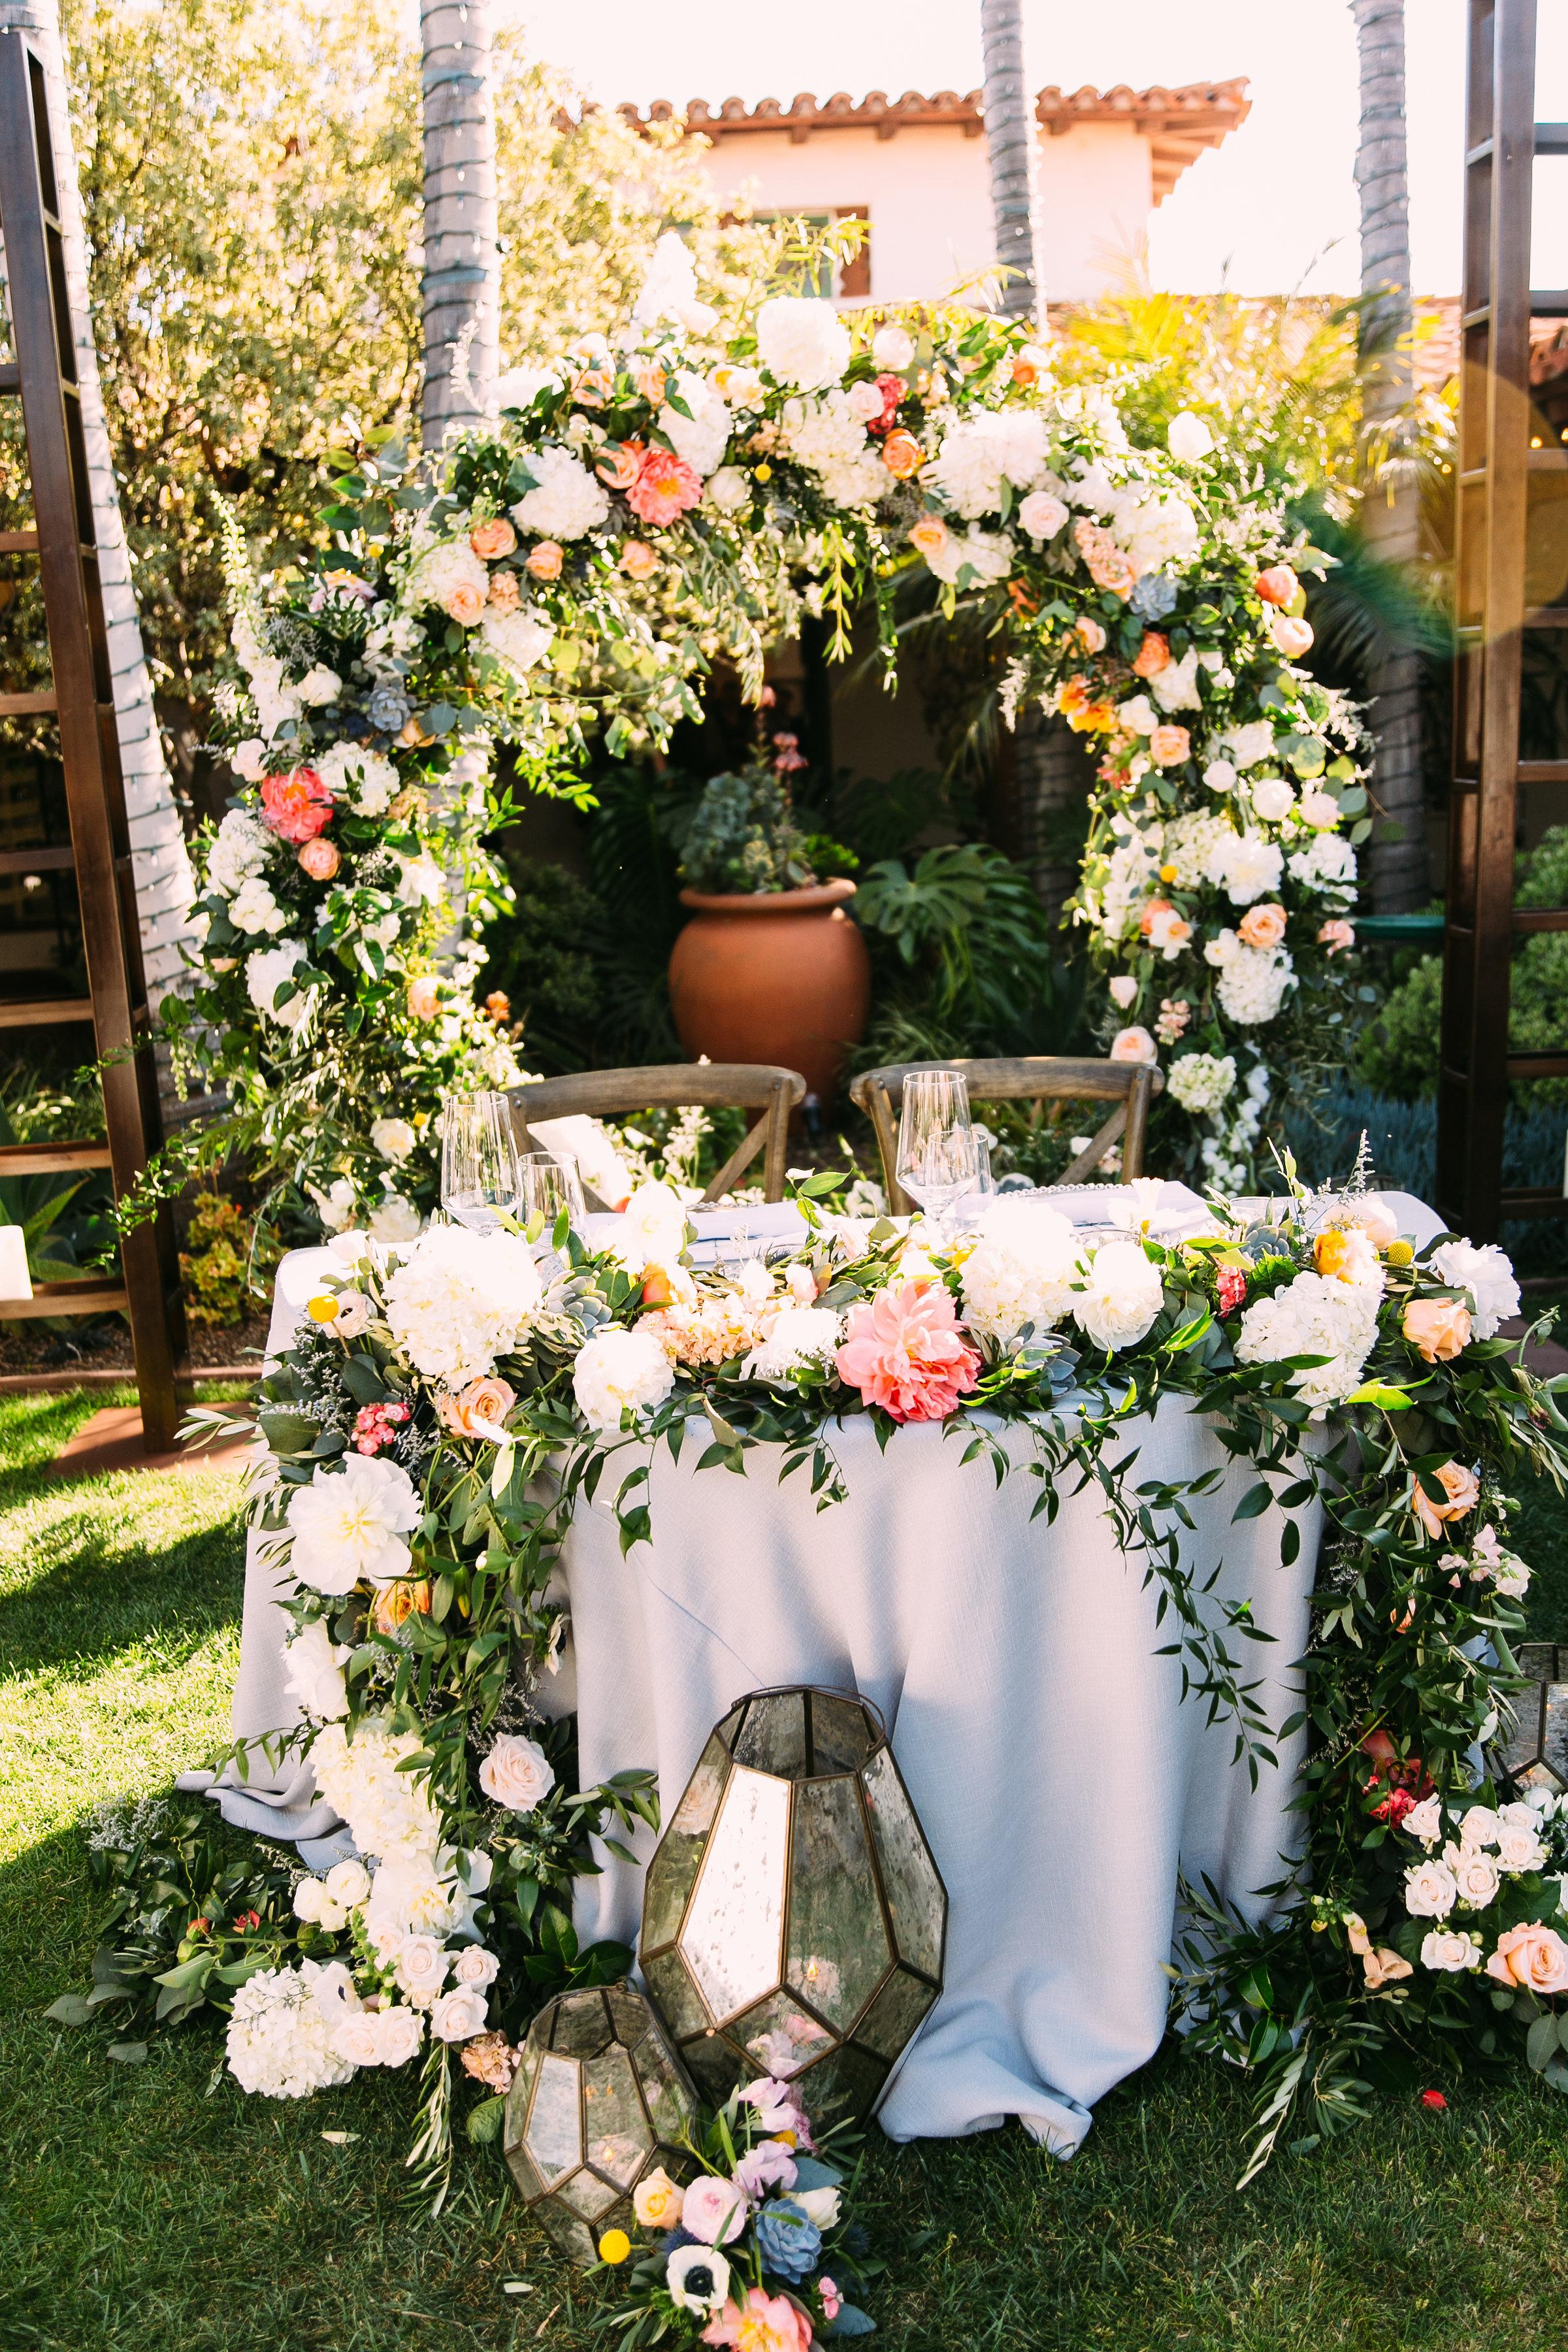 Nicholson-wedding-4-14-18_682.jpg